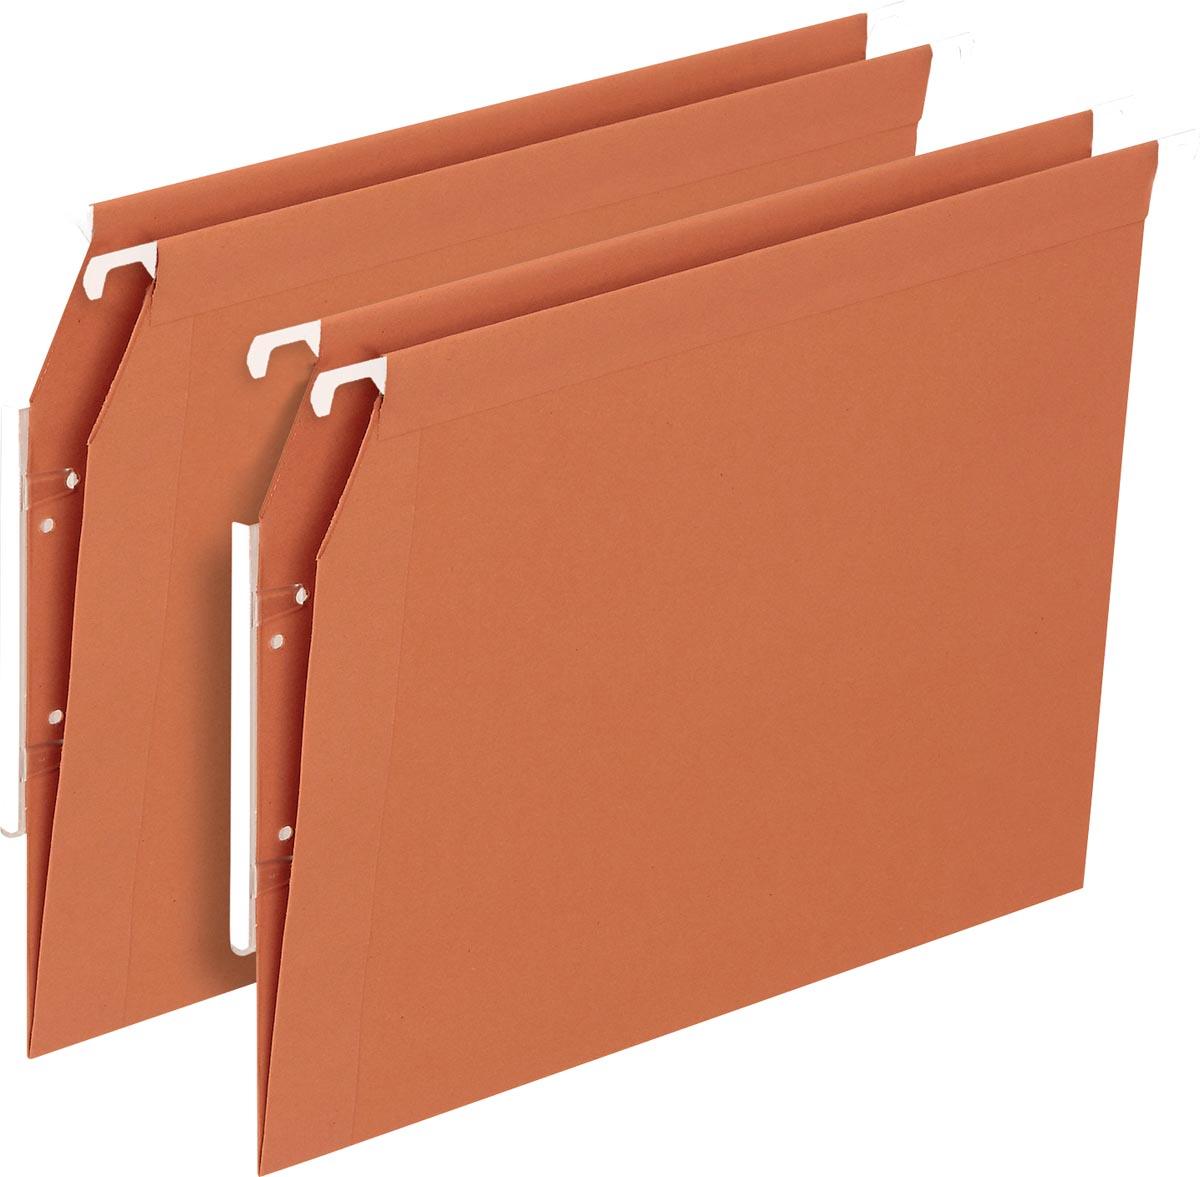 Pergamy Defi hangmap voor kasten, ft A4, V-bodem, oranje, pak van 25 stuks